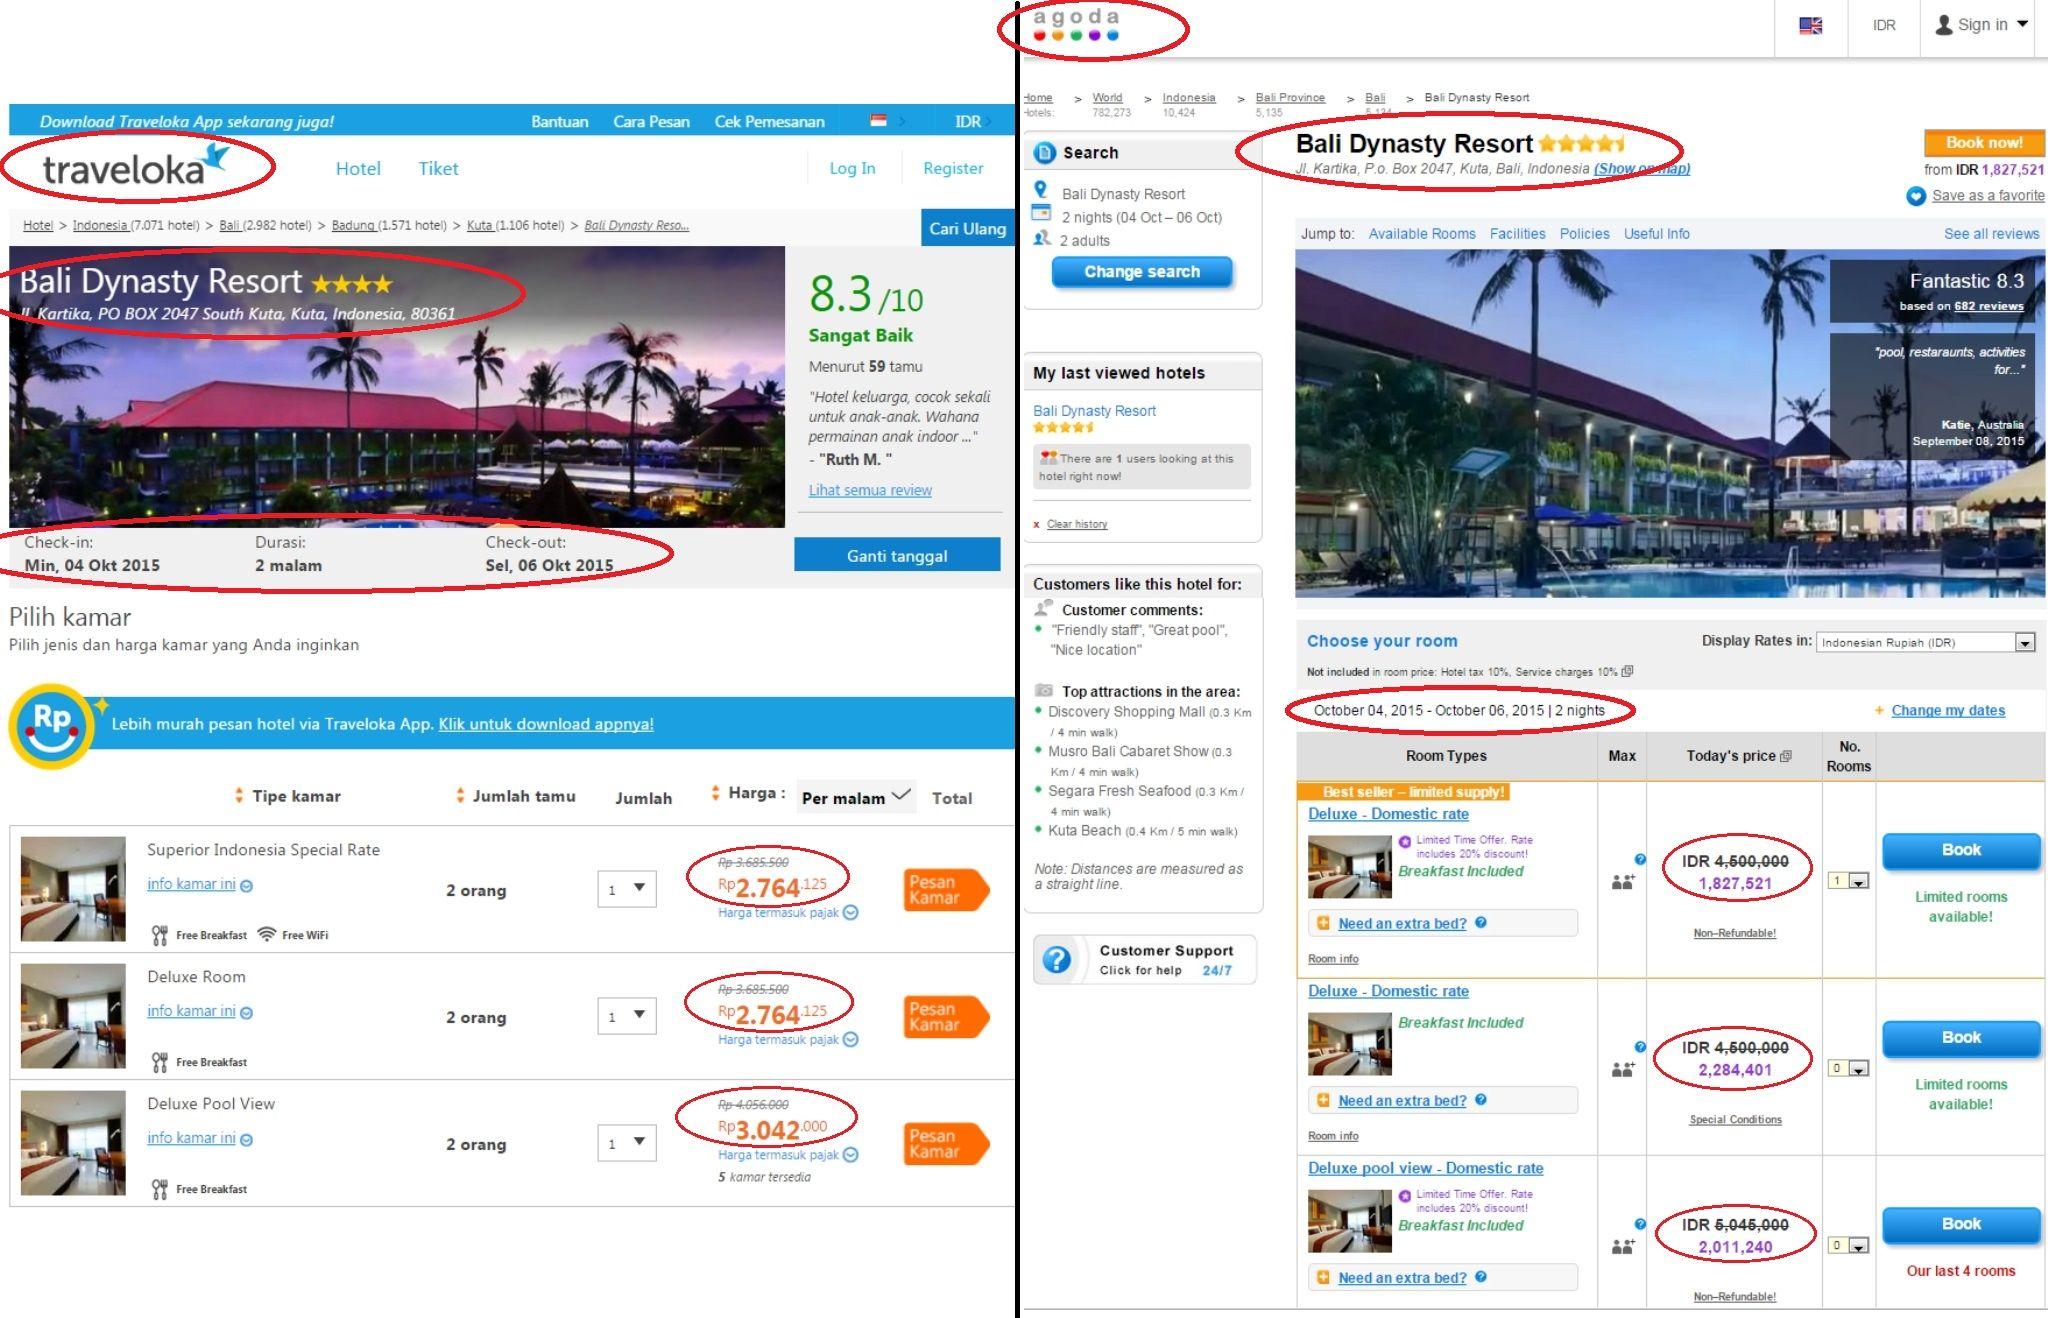 Mana Yang Lebih Murah Harga Boking Hotel Bali Dynasty Resort Kuta Di Traveloka Dan Agoda